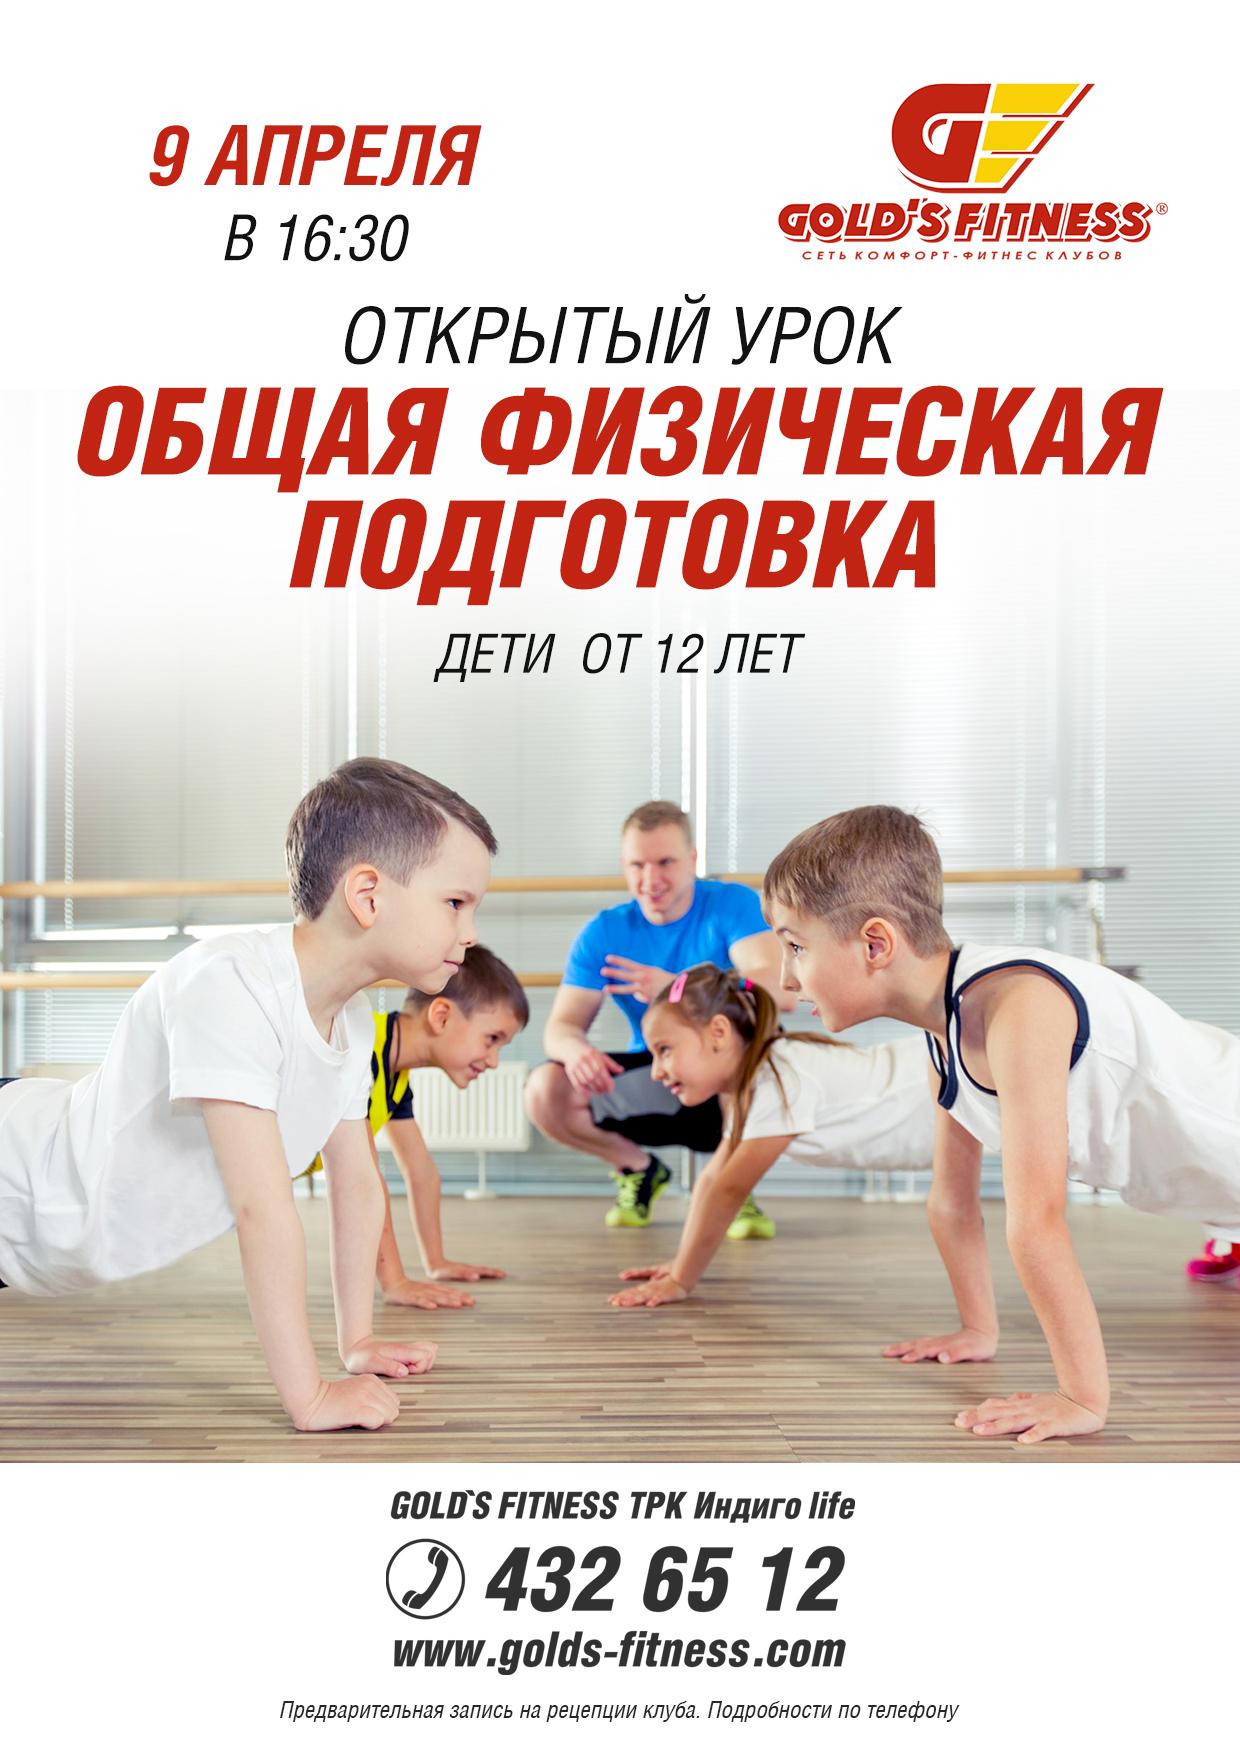 Что такое офп в физкультуре – общефизическая подготовка